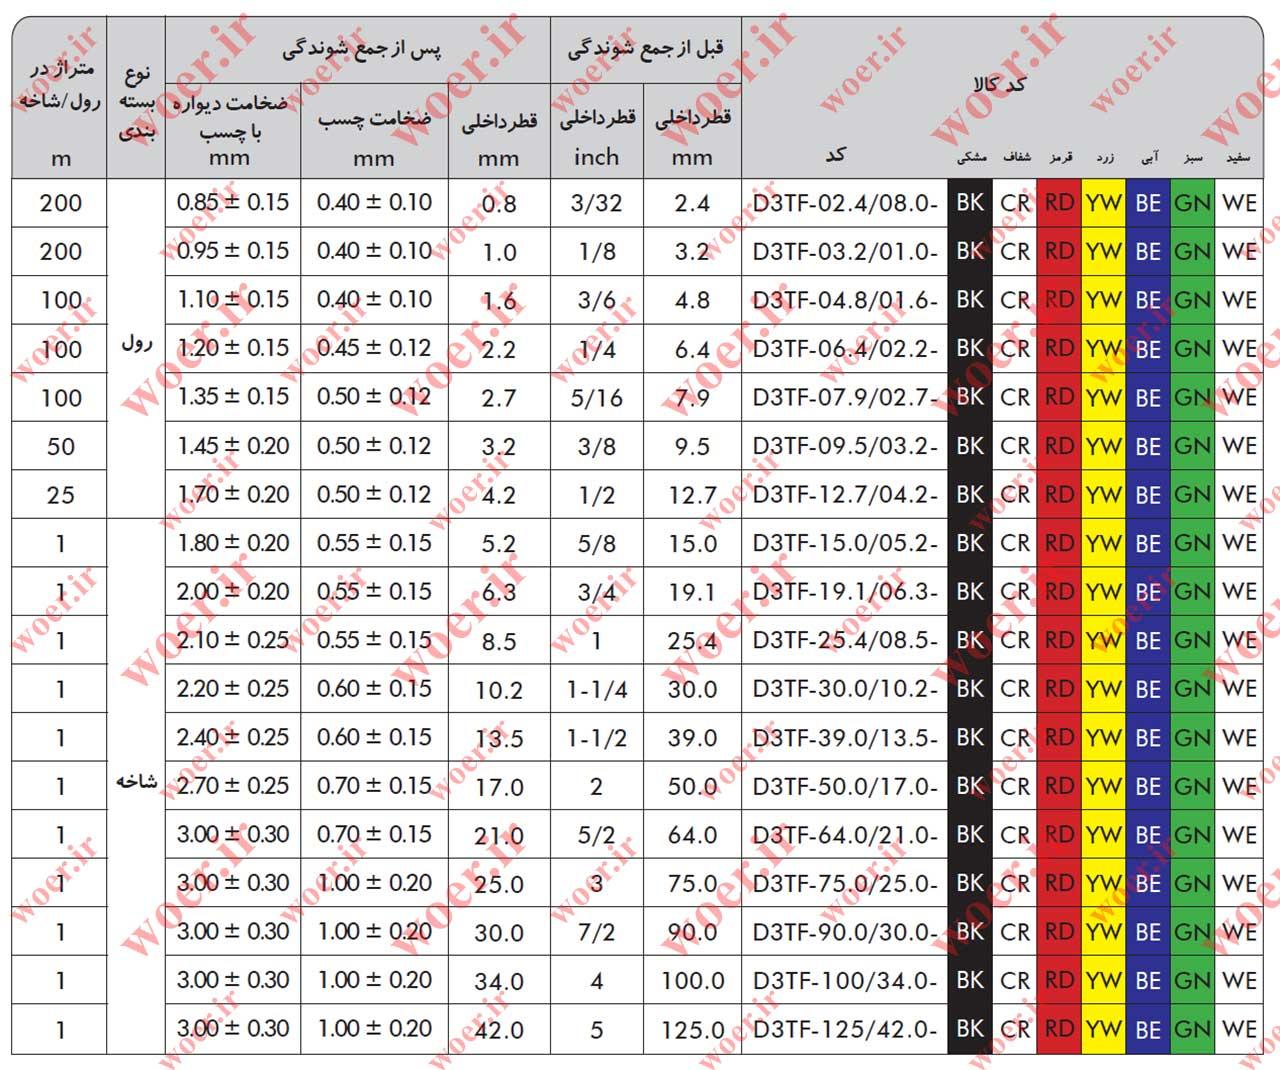 جدول سایز های روکش های حرارتی دو لایه چسب دار d3tf